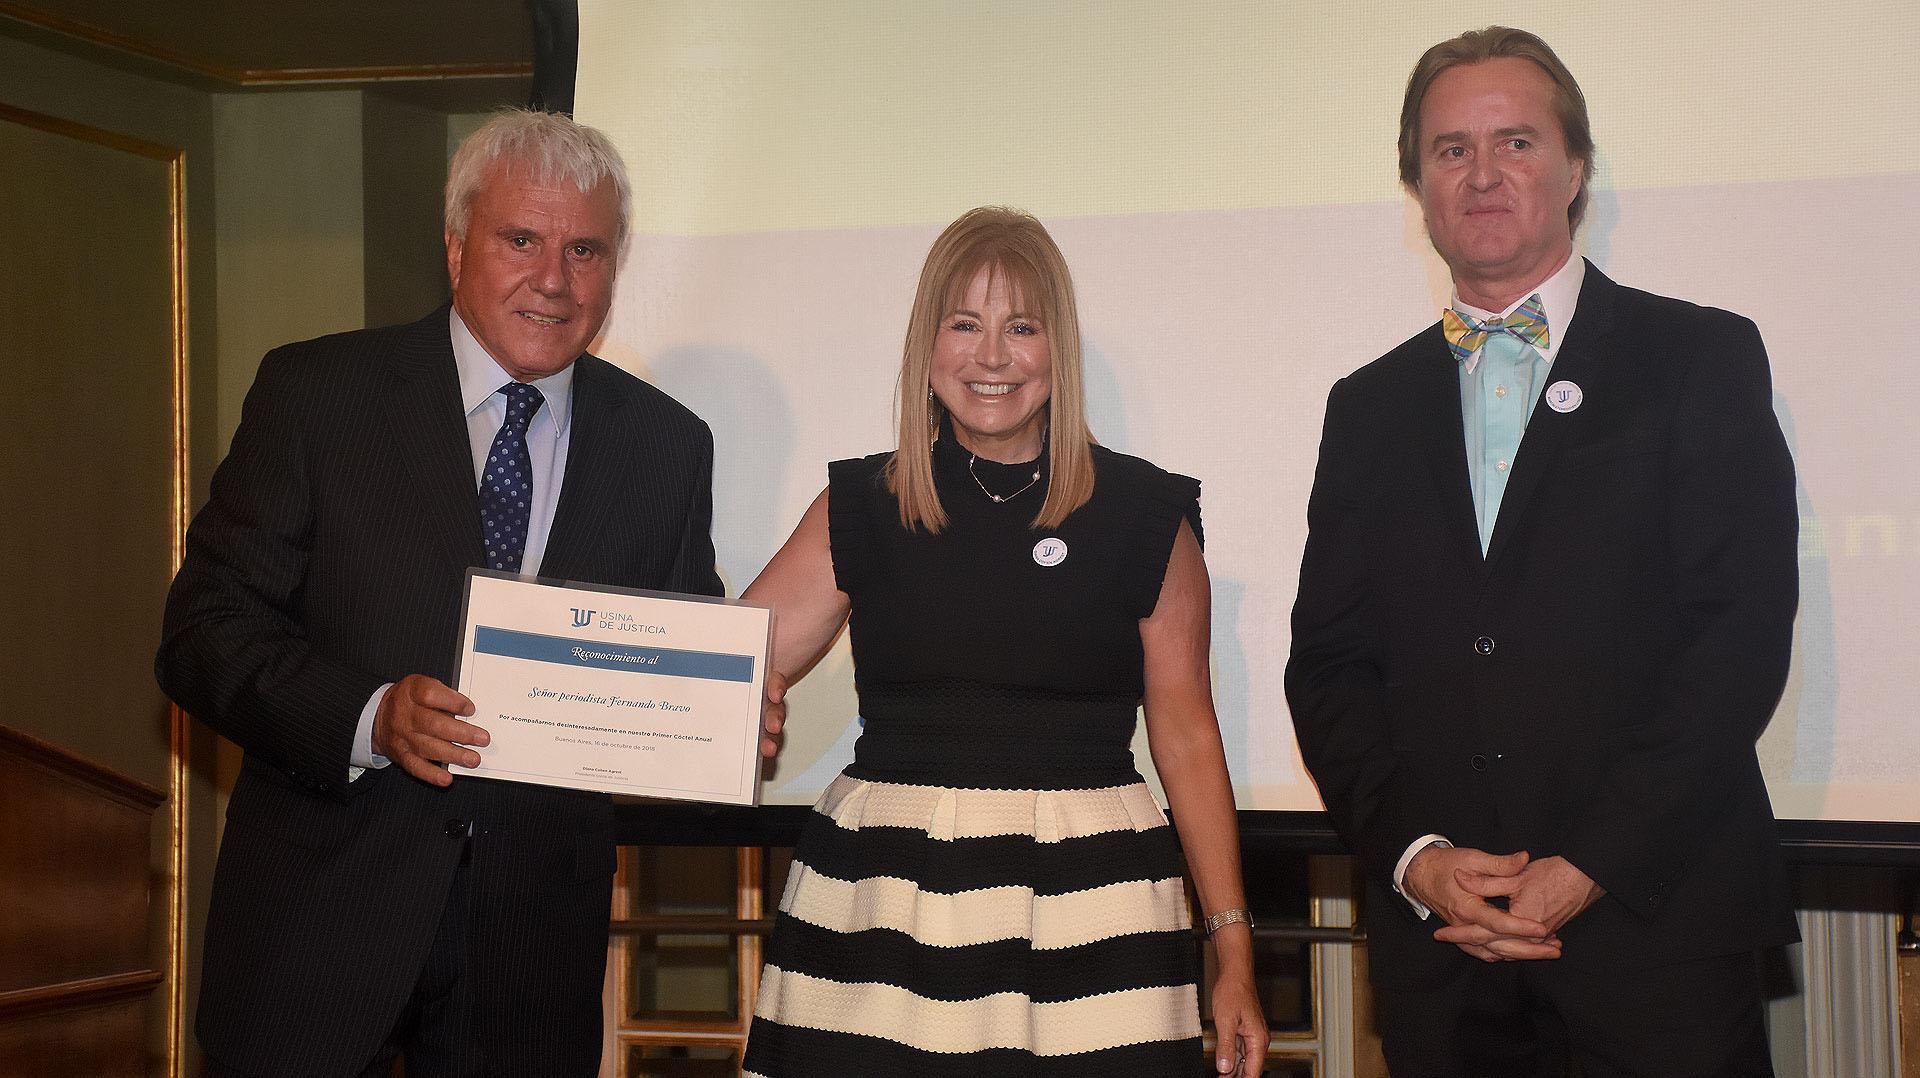 Fernando Bravo con su diploma junto a Diana Cohen Agrest y Martín Etchegoyen Lynch /// Fotos: Nicolás Stulberg